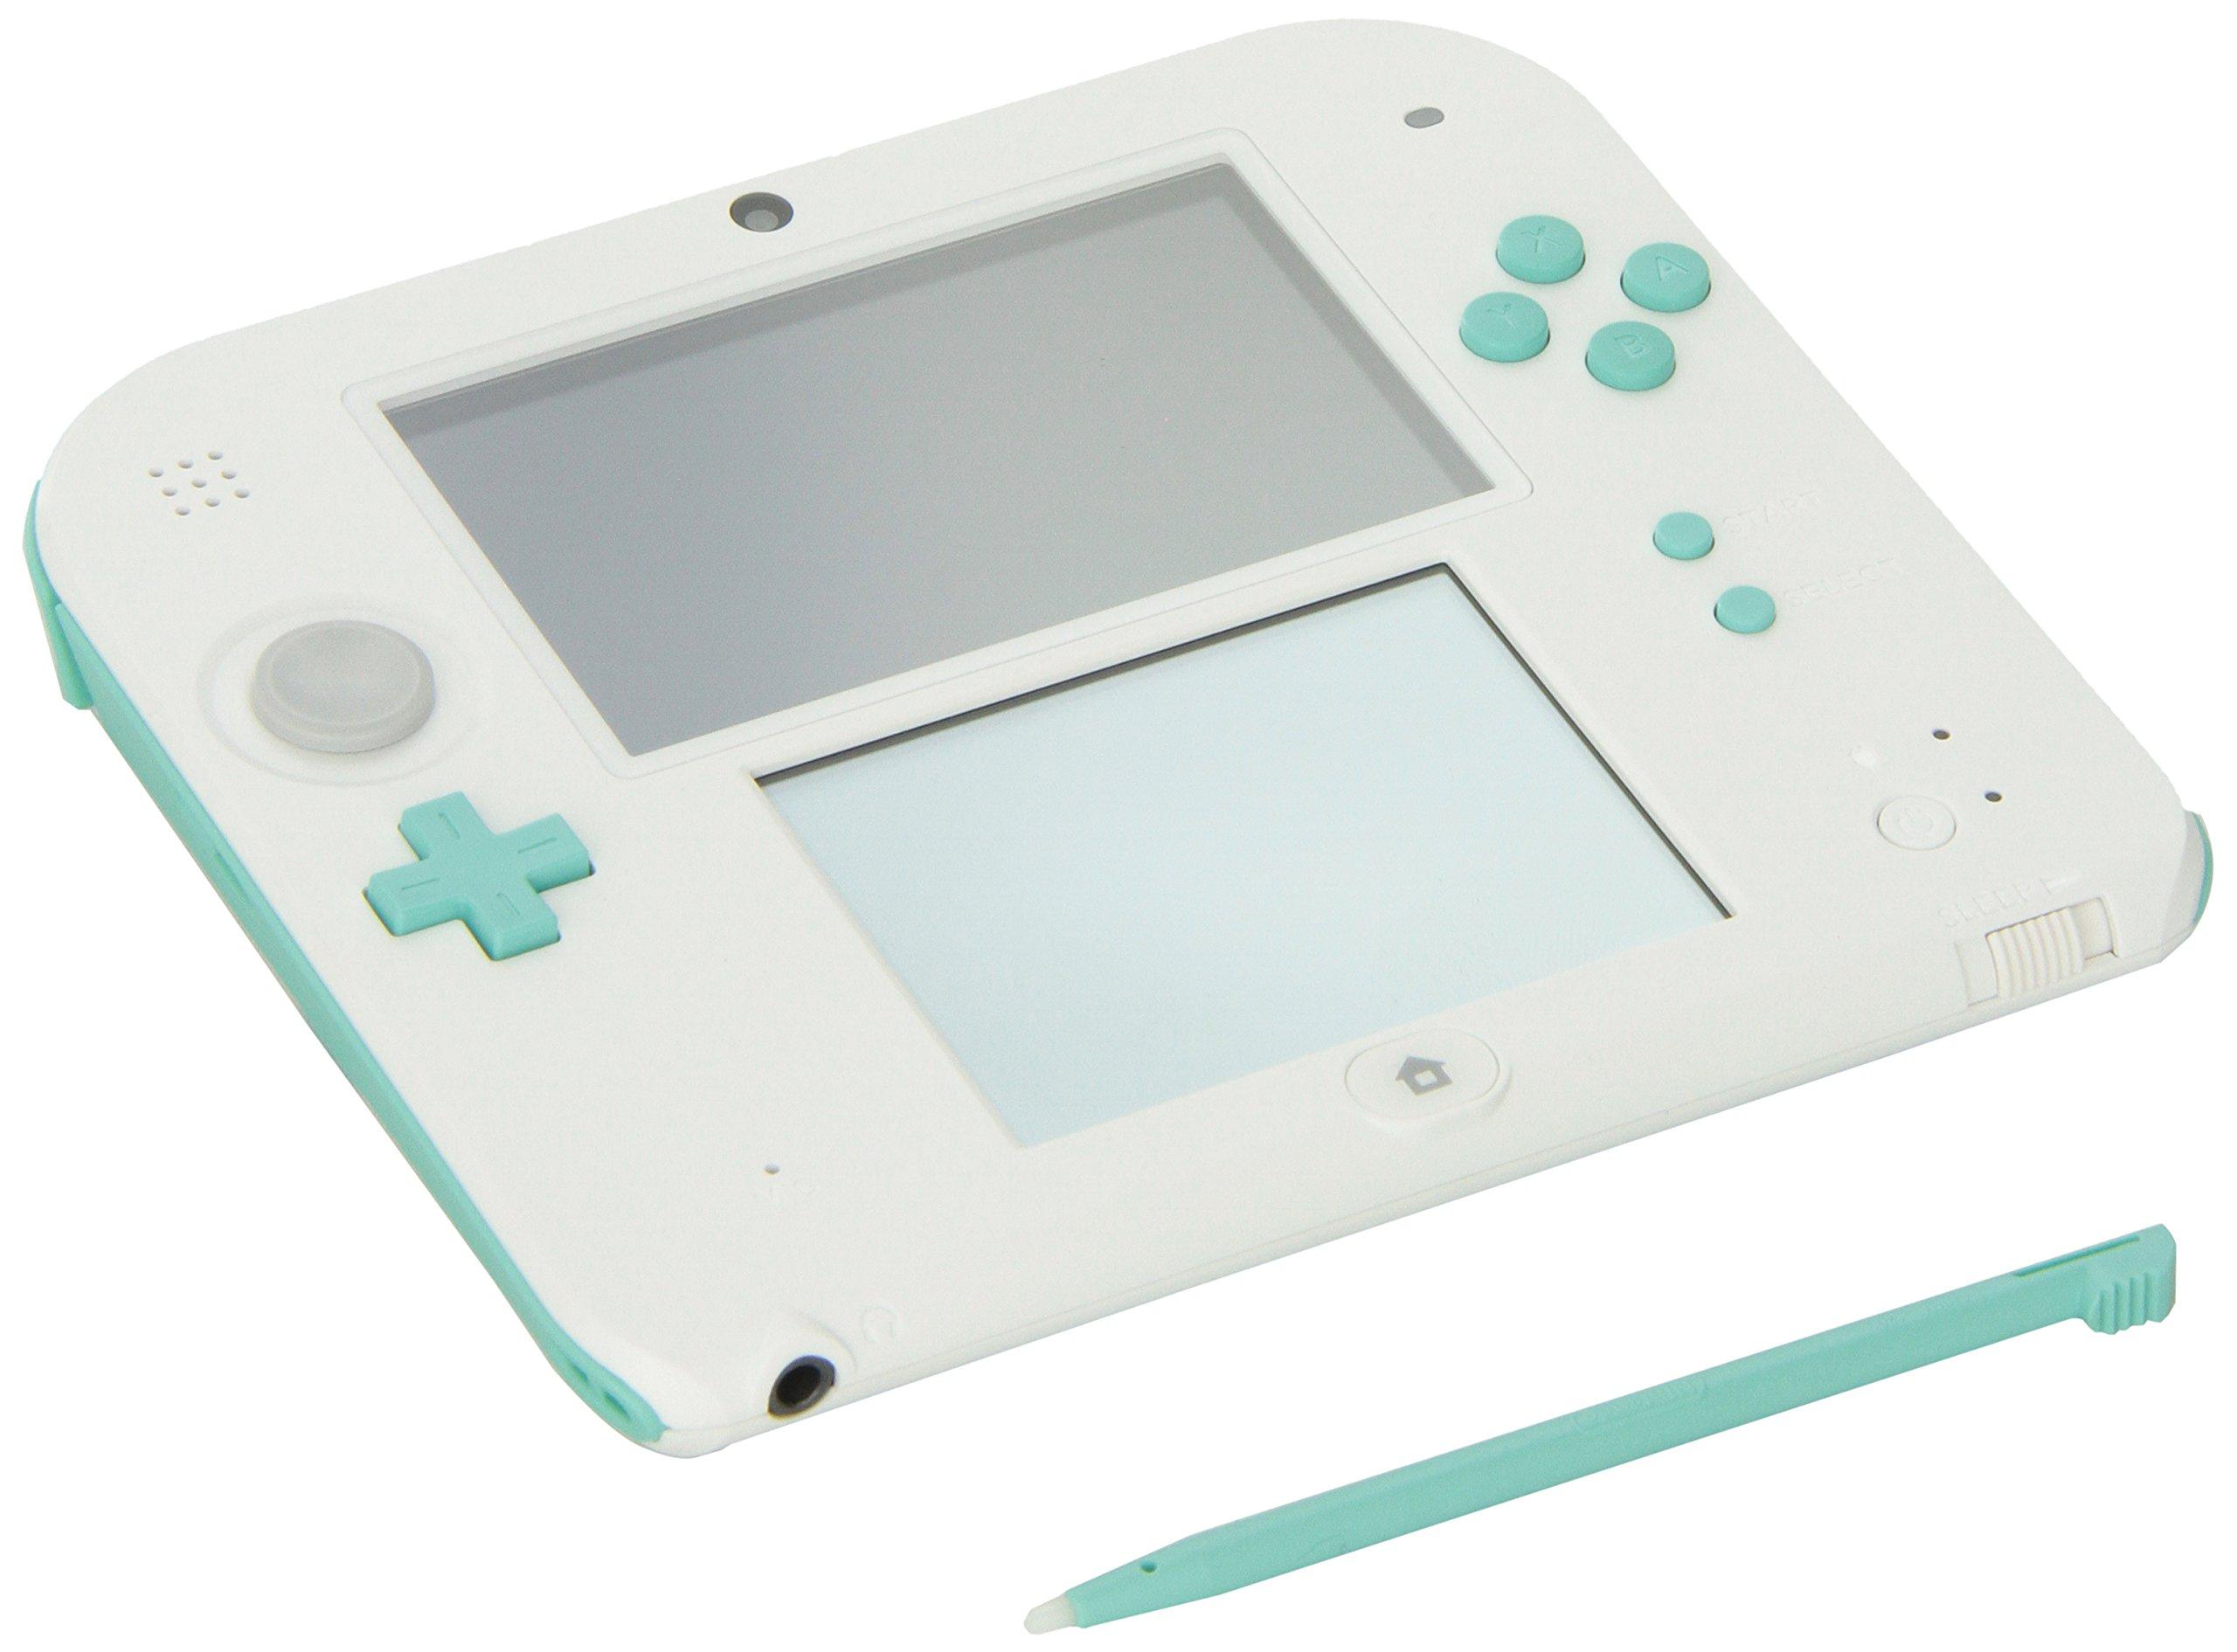 Nintendo 2DS Sea Green (Includes Mario Kart 7) by Nintendo (Image #1)